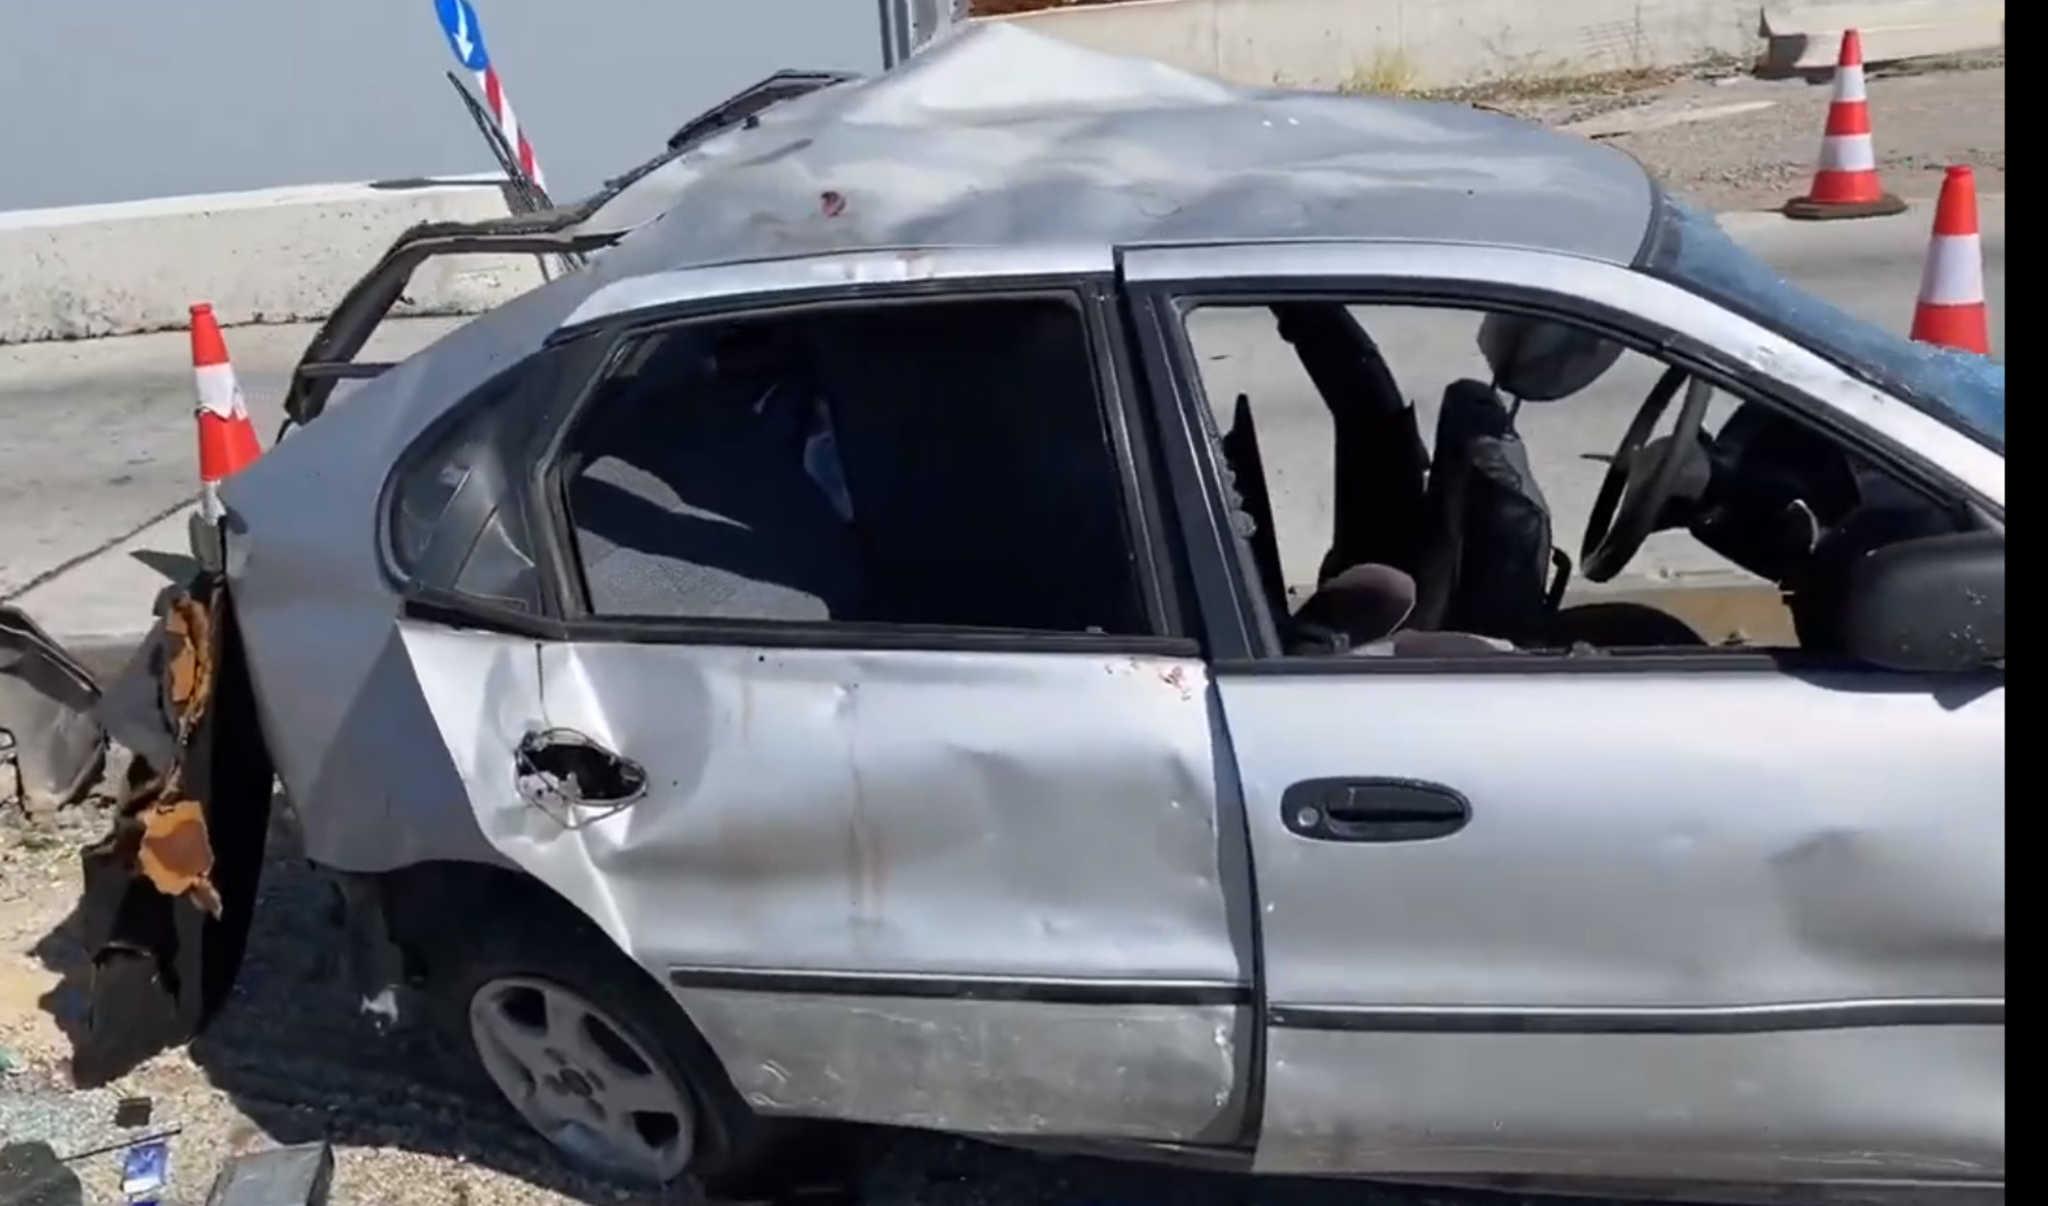 """Αλεξανδρούπολη: Οι πρώτες εικόνες από το δυστύχημα με 7 νεκρούς – Είχαν """"παστώσει"""" 12 άτομα σε ένα αυτοκίνητο!"""